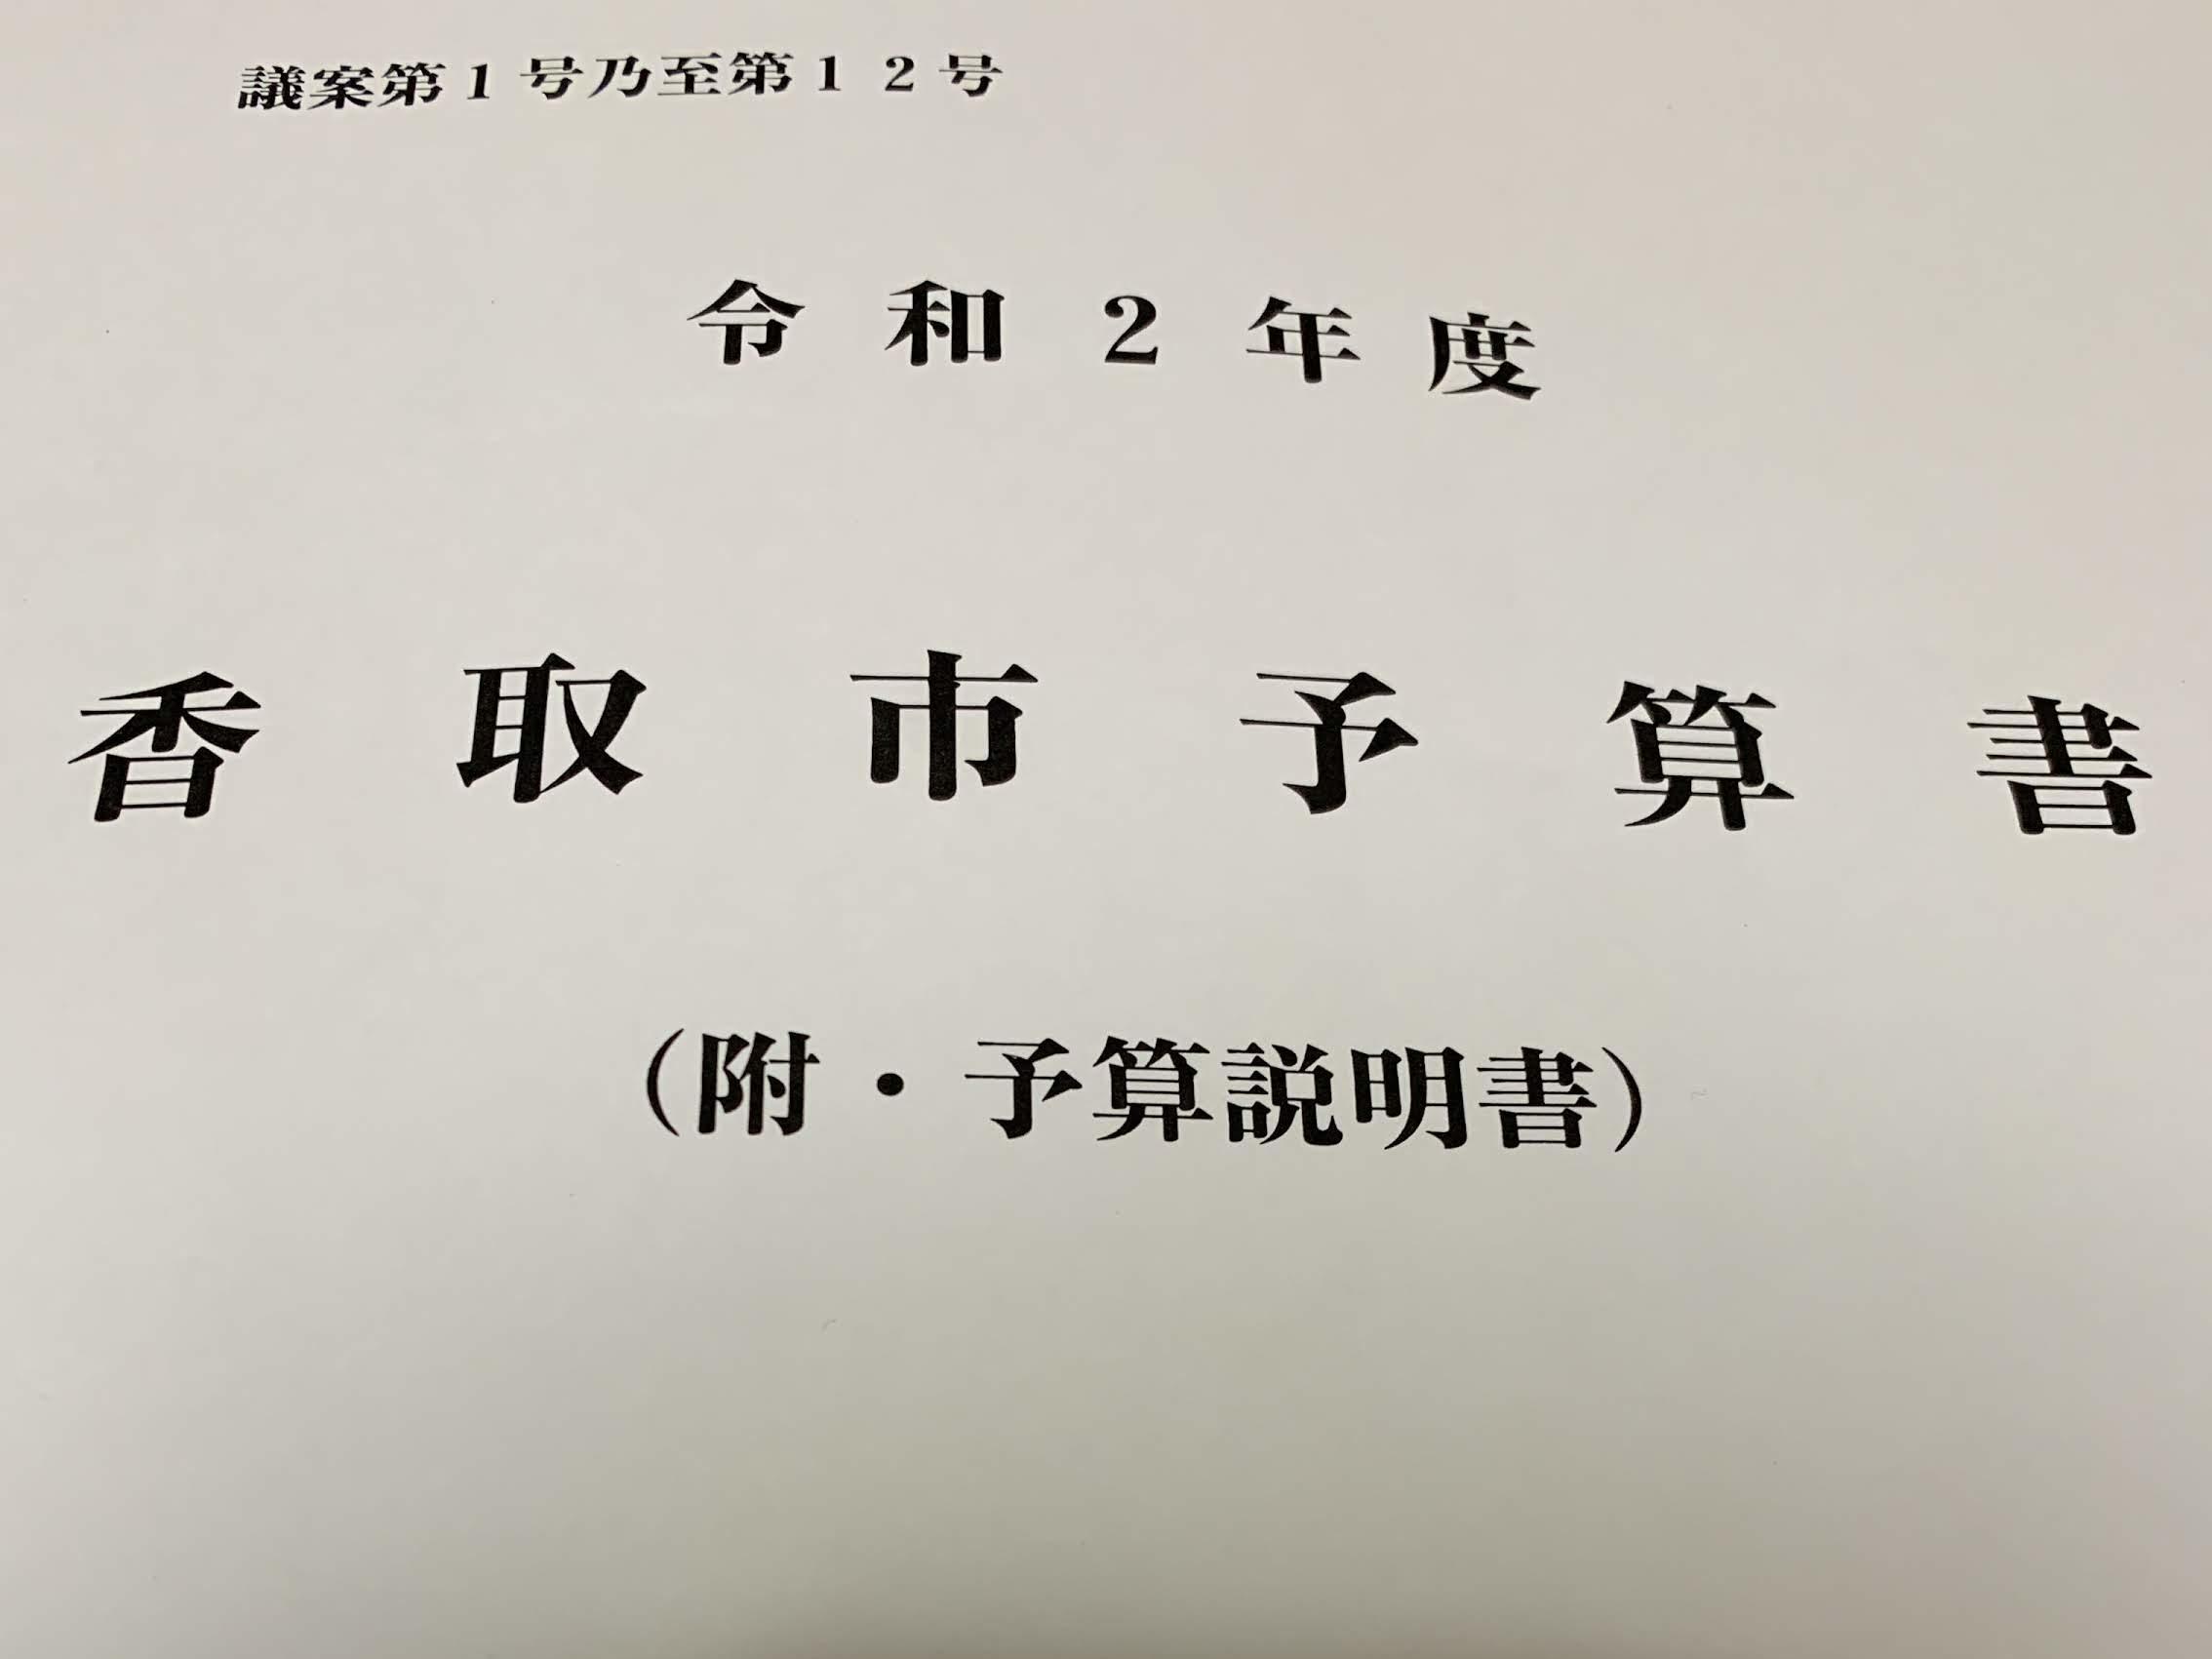 令和2年3月香取市議会定例会予算案